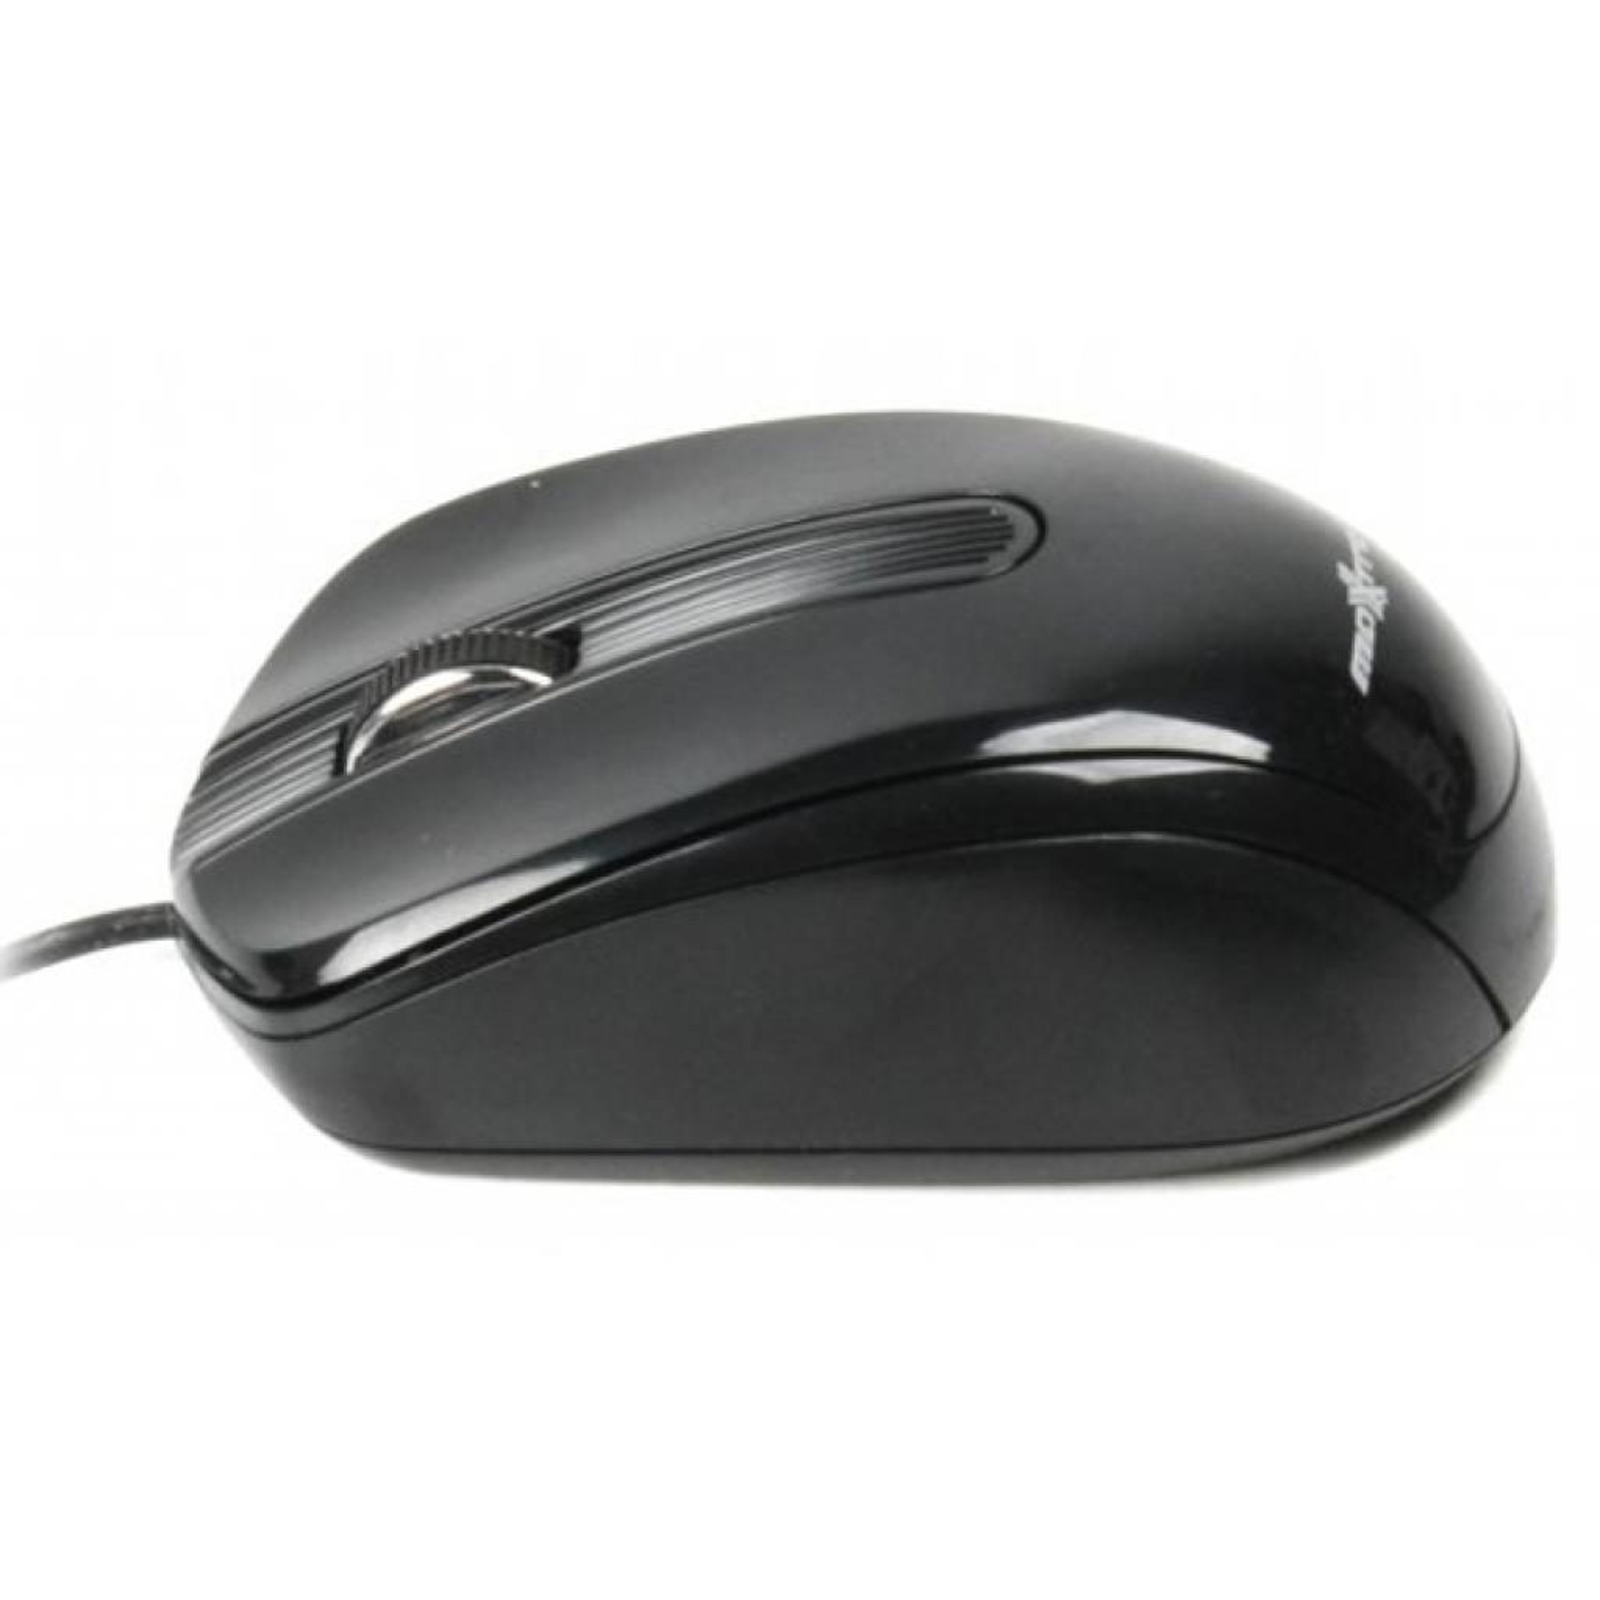 Мышка Maxxter Mc-325 изображение 2